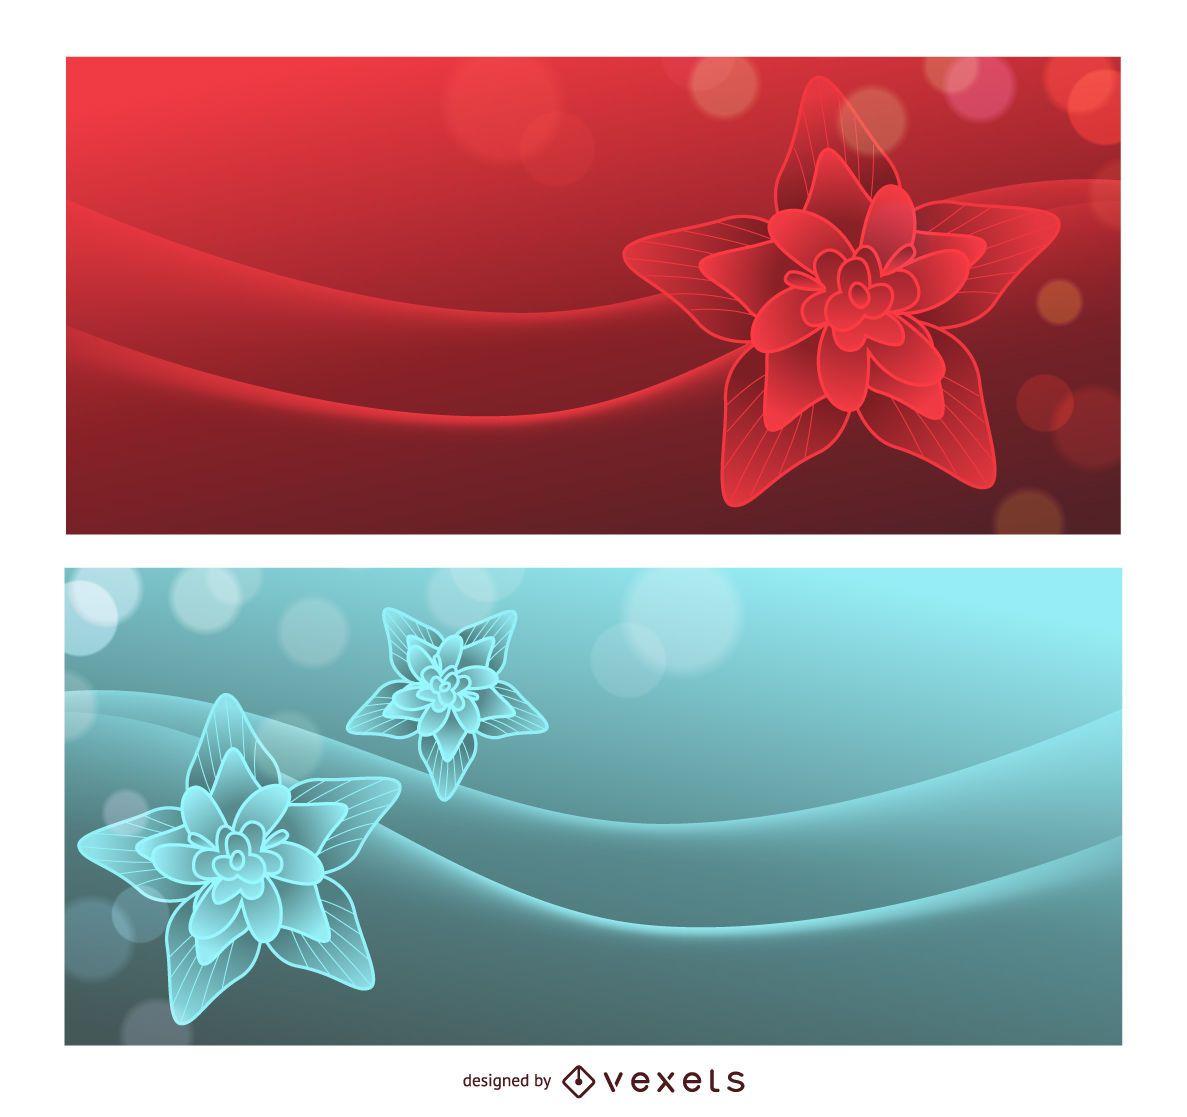 Lotus Dream fondo rojo y azul